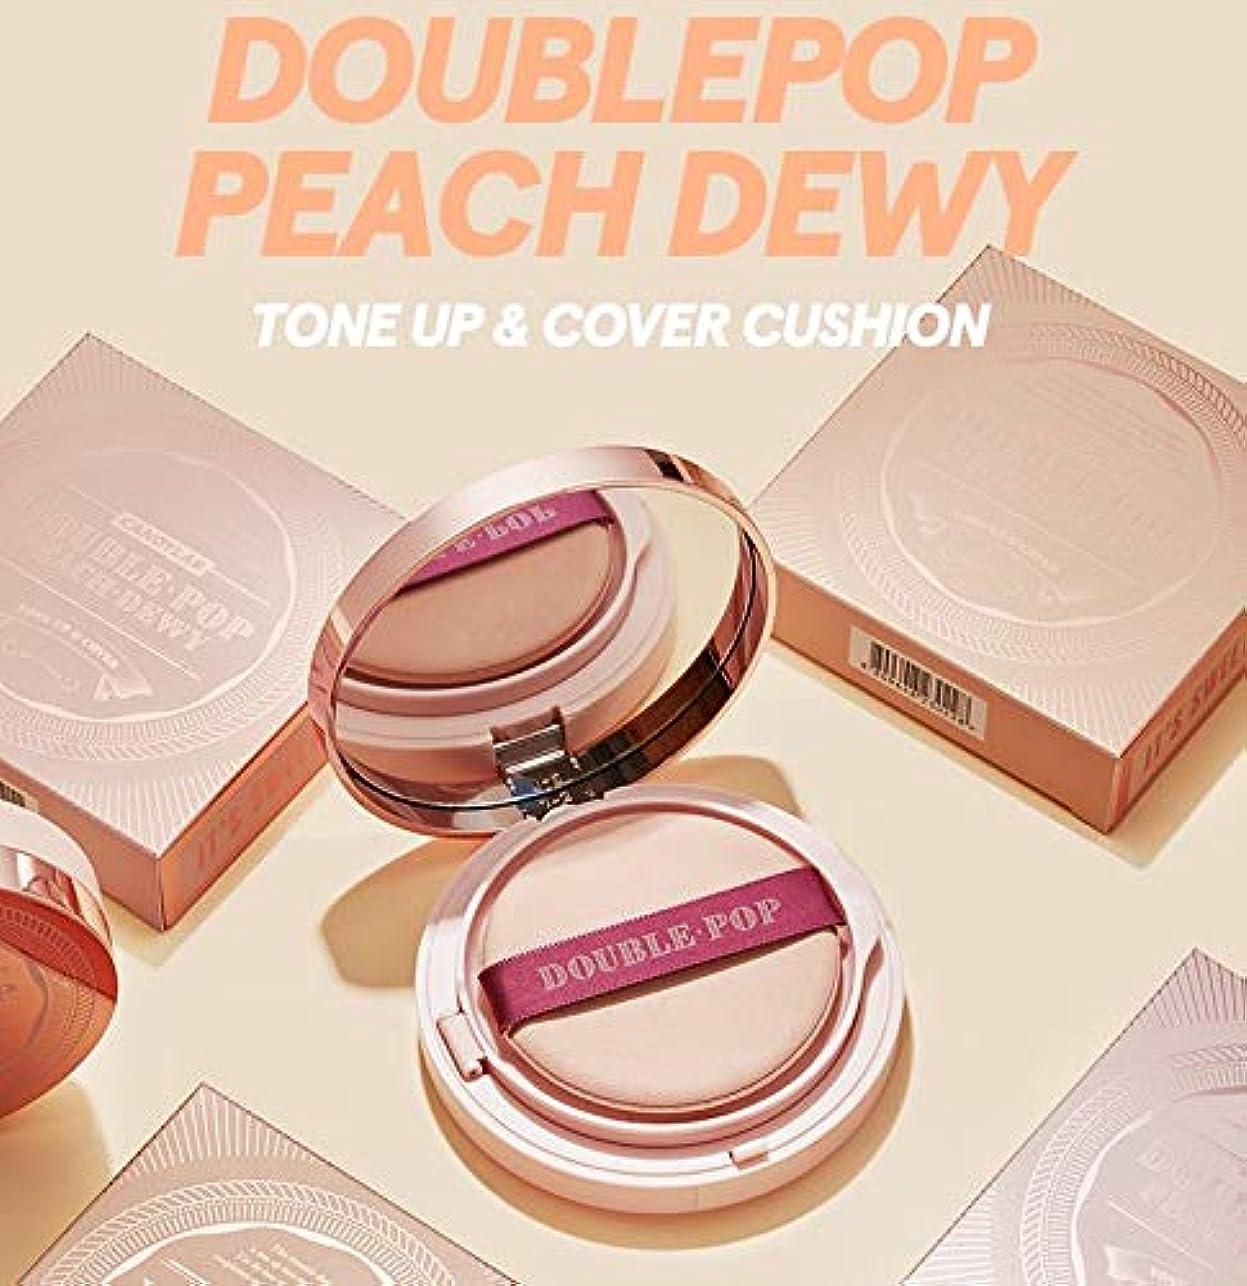 国際常習的安らぎ【キャンディラボ公式ストア】Doublepop Peach Dewy Cushion/ダブルポップピーチ クッションファンデ/正品?海外直送商品 [並行輸入品] (#23 Sand Peach)